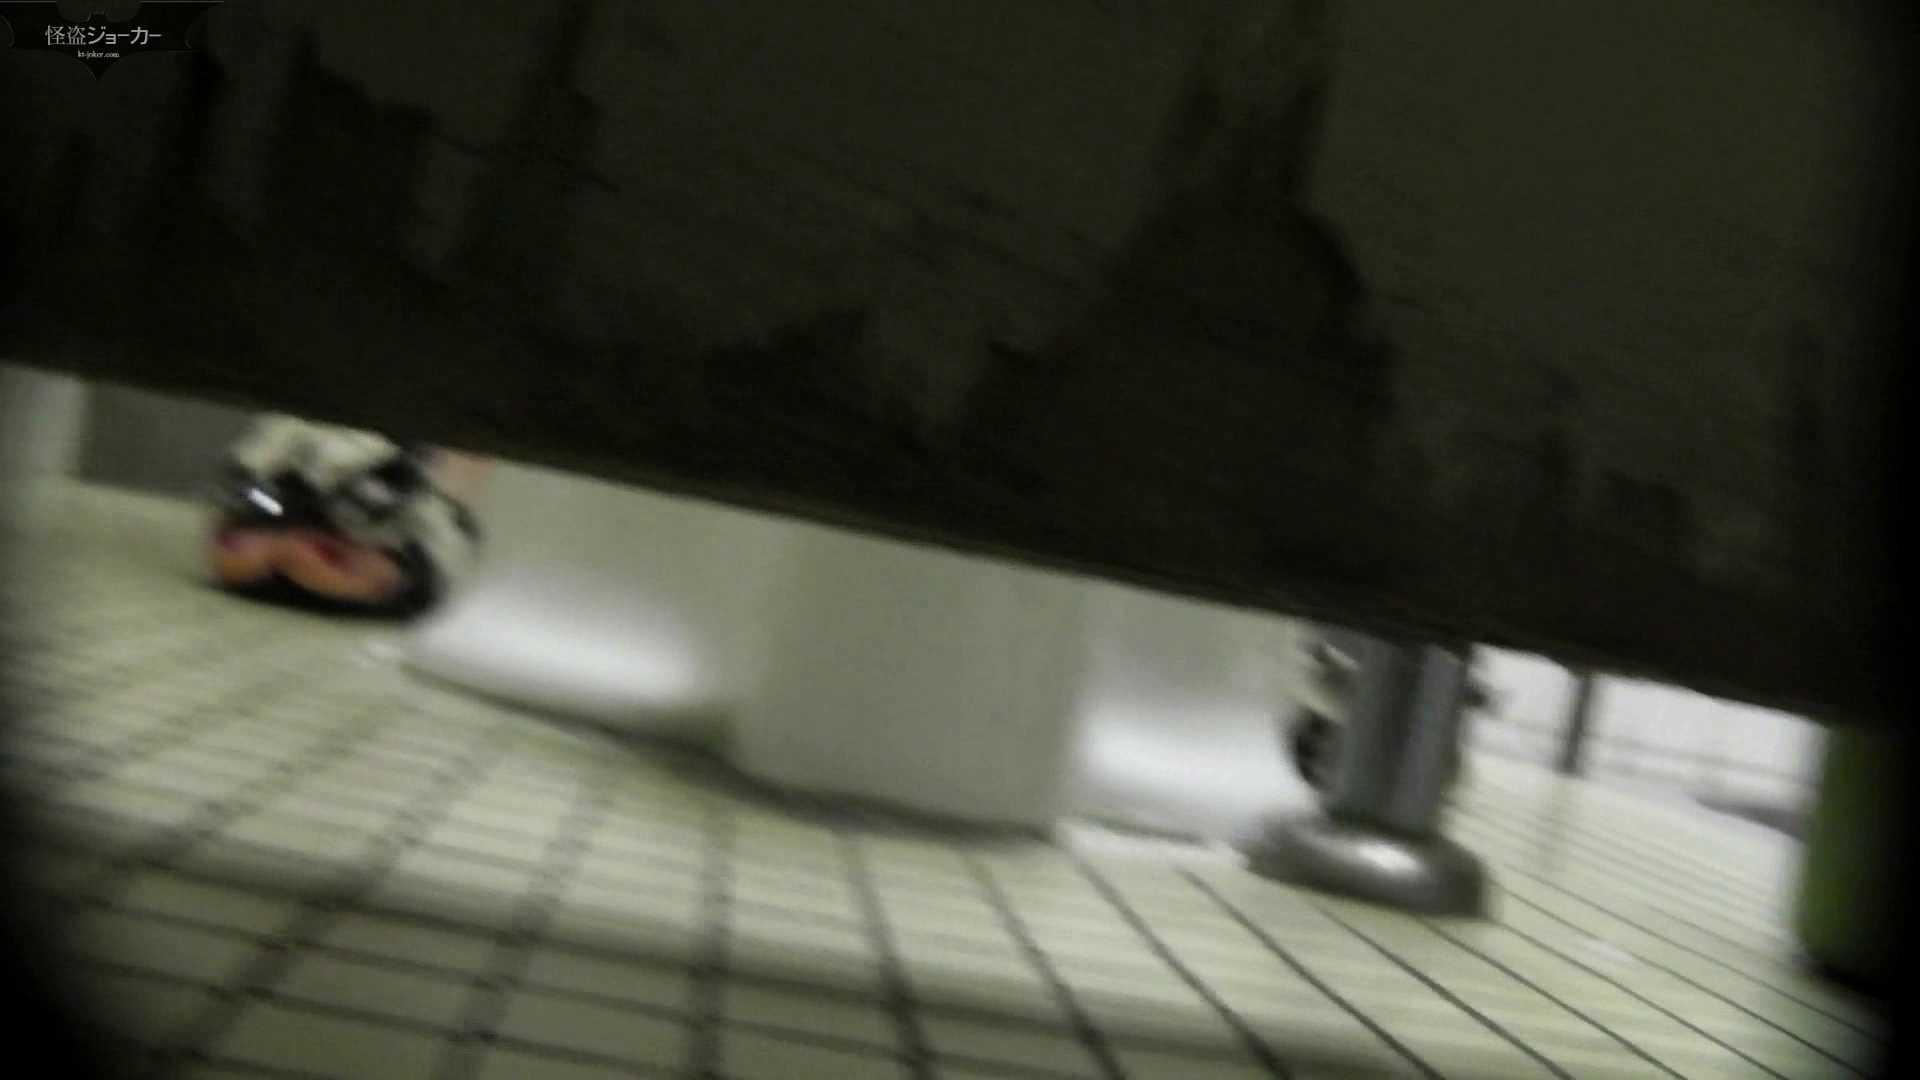 【美しき個室な世界】洗面所特攻隊 vol.051 洗面所着替え   OL  61連発 45